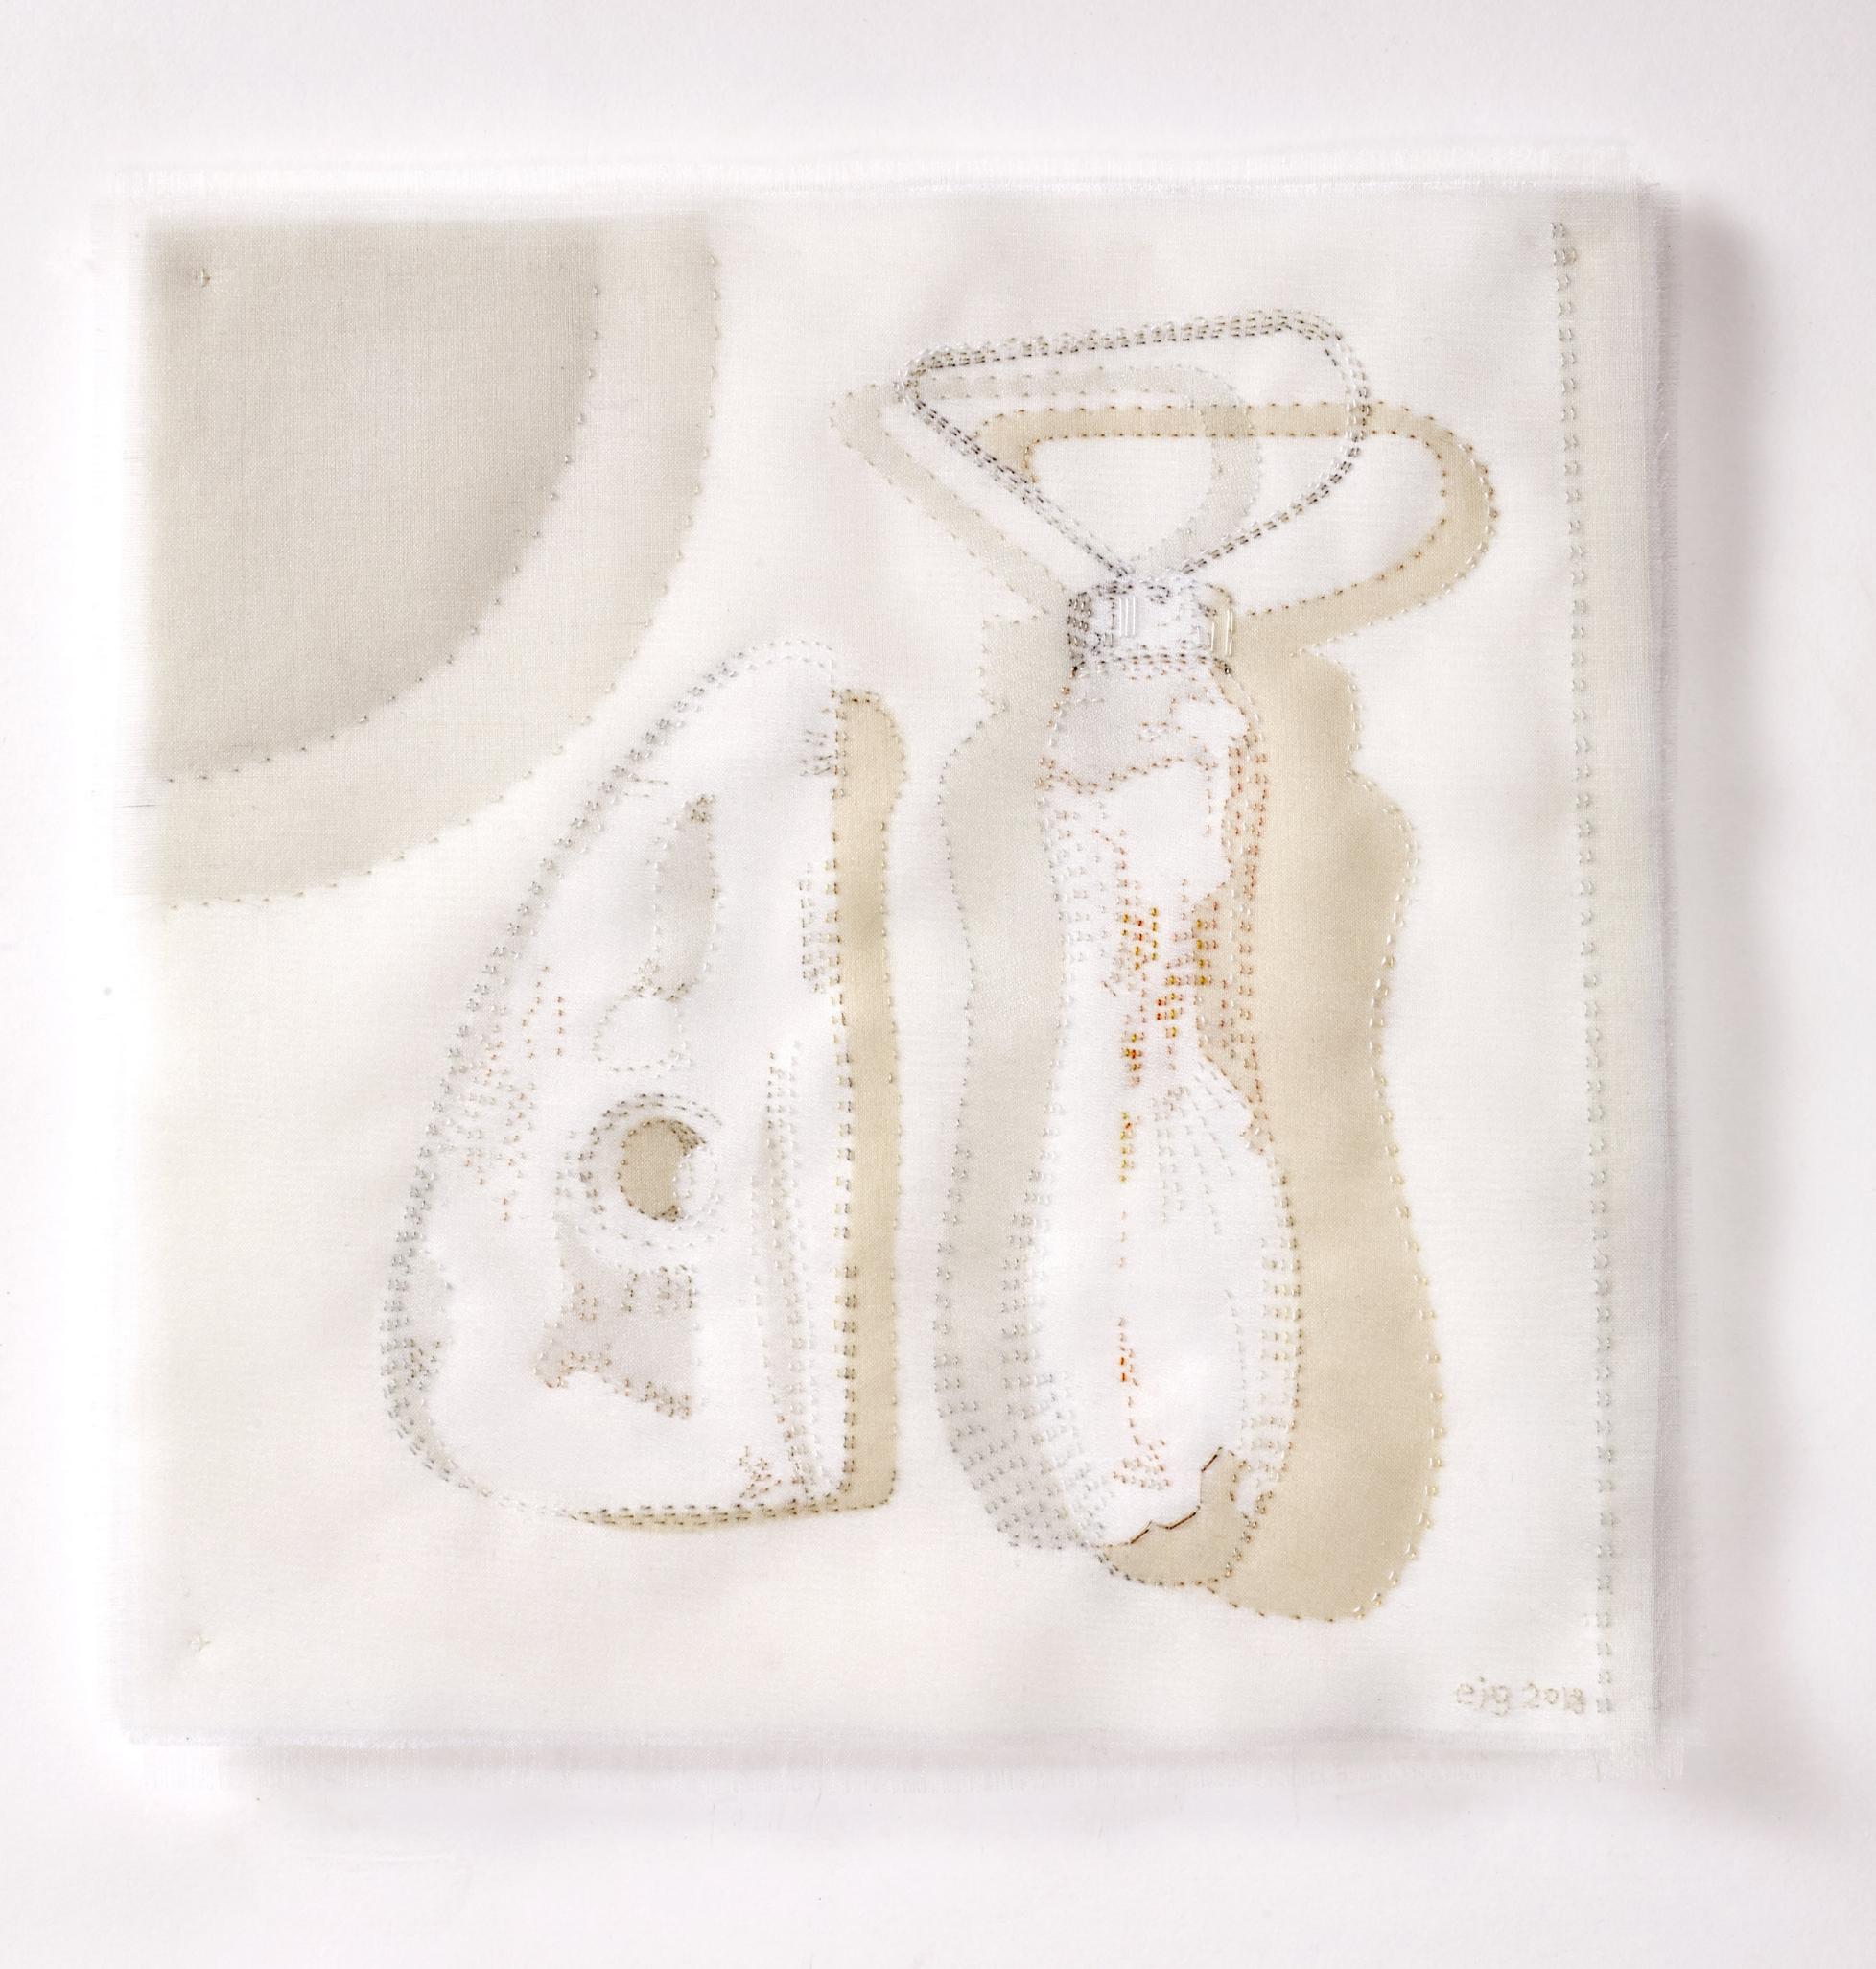 Portrait of a Potter 2018, 23cm x 23cm, hand stitched silk organza appliqué on linen SOLD